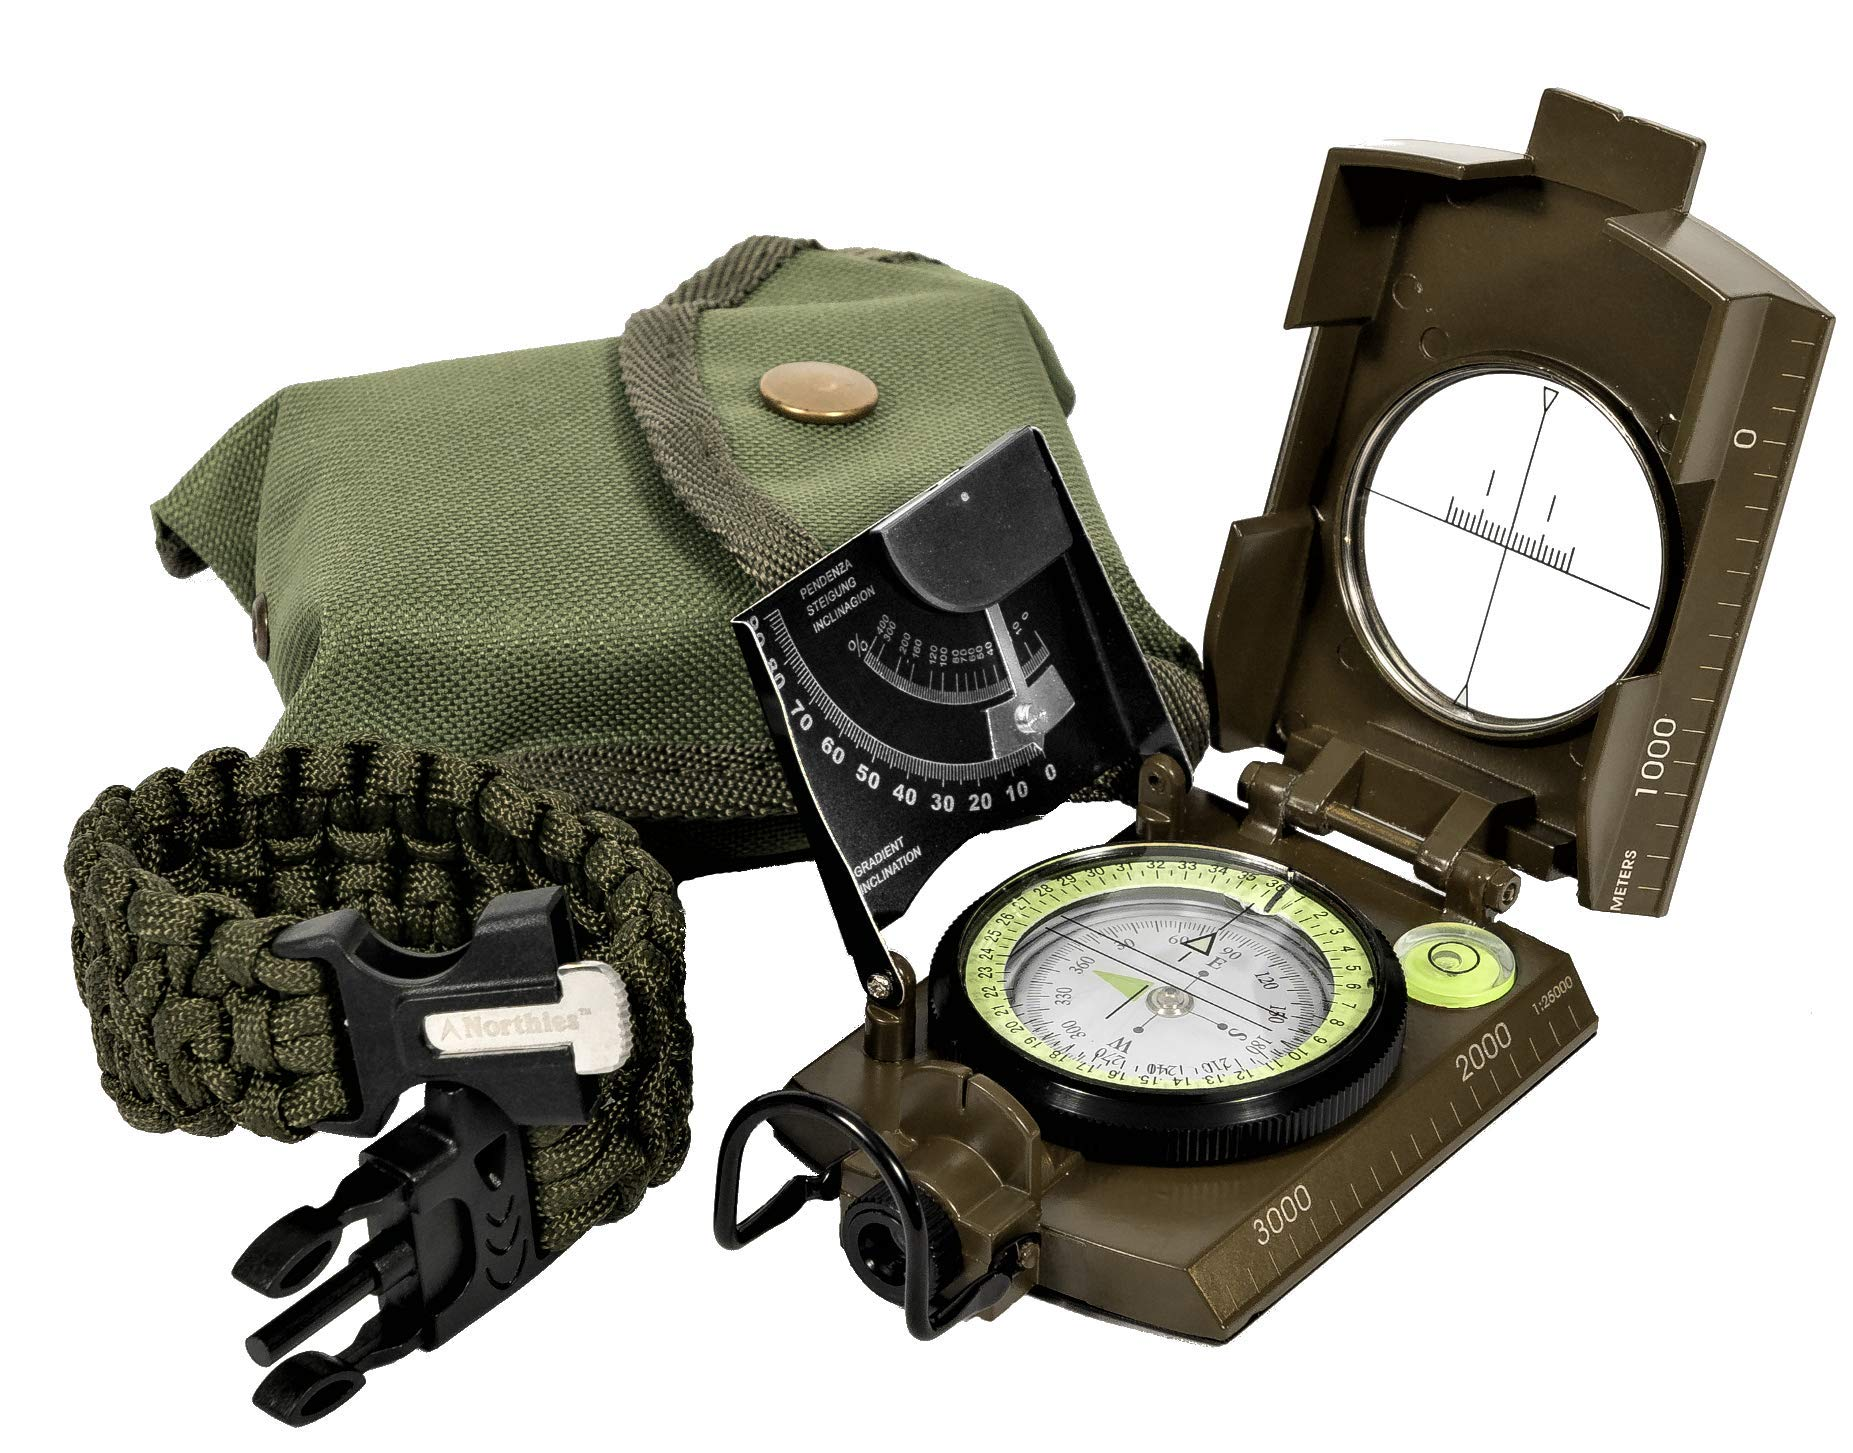 Northies Military Lensatic Sighting Waterproof